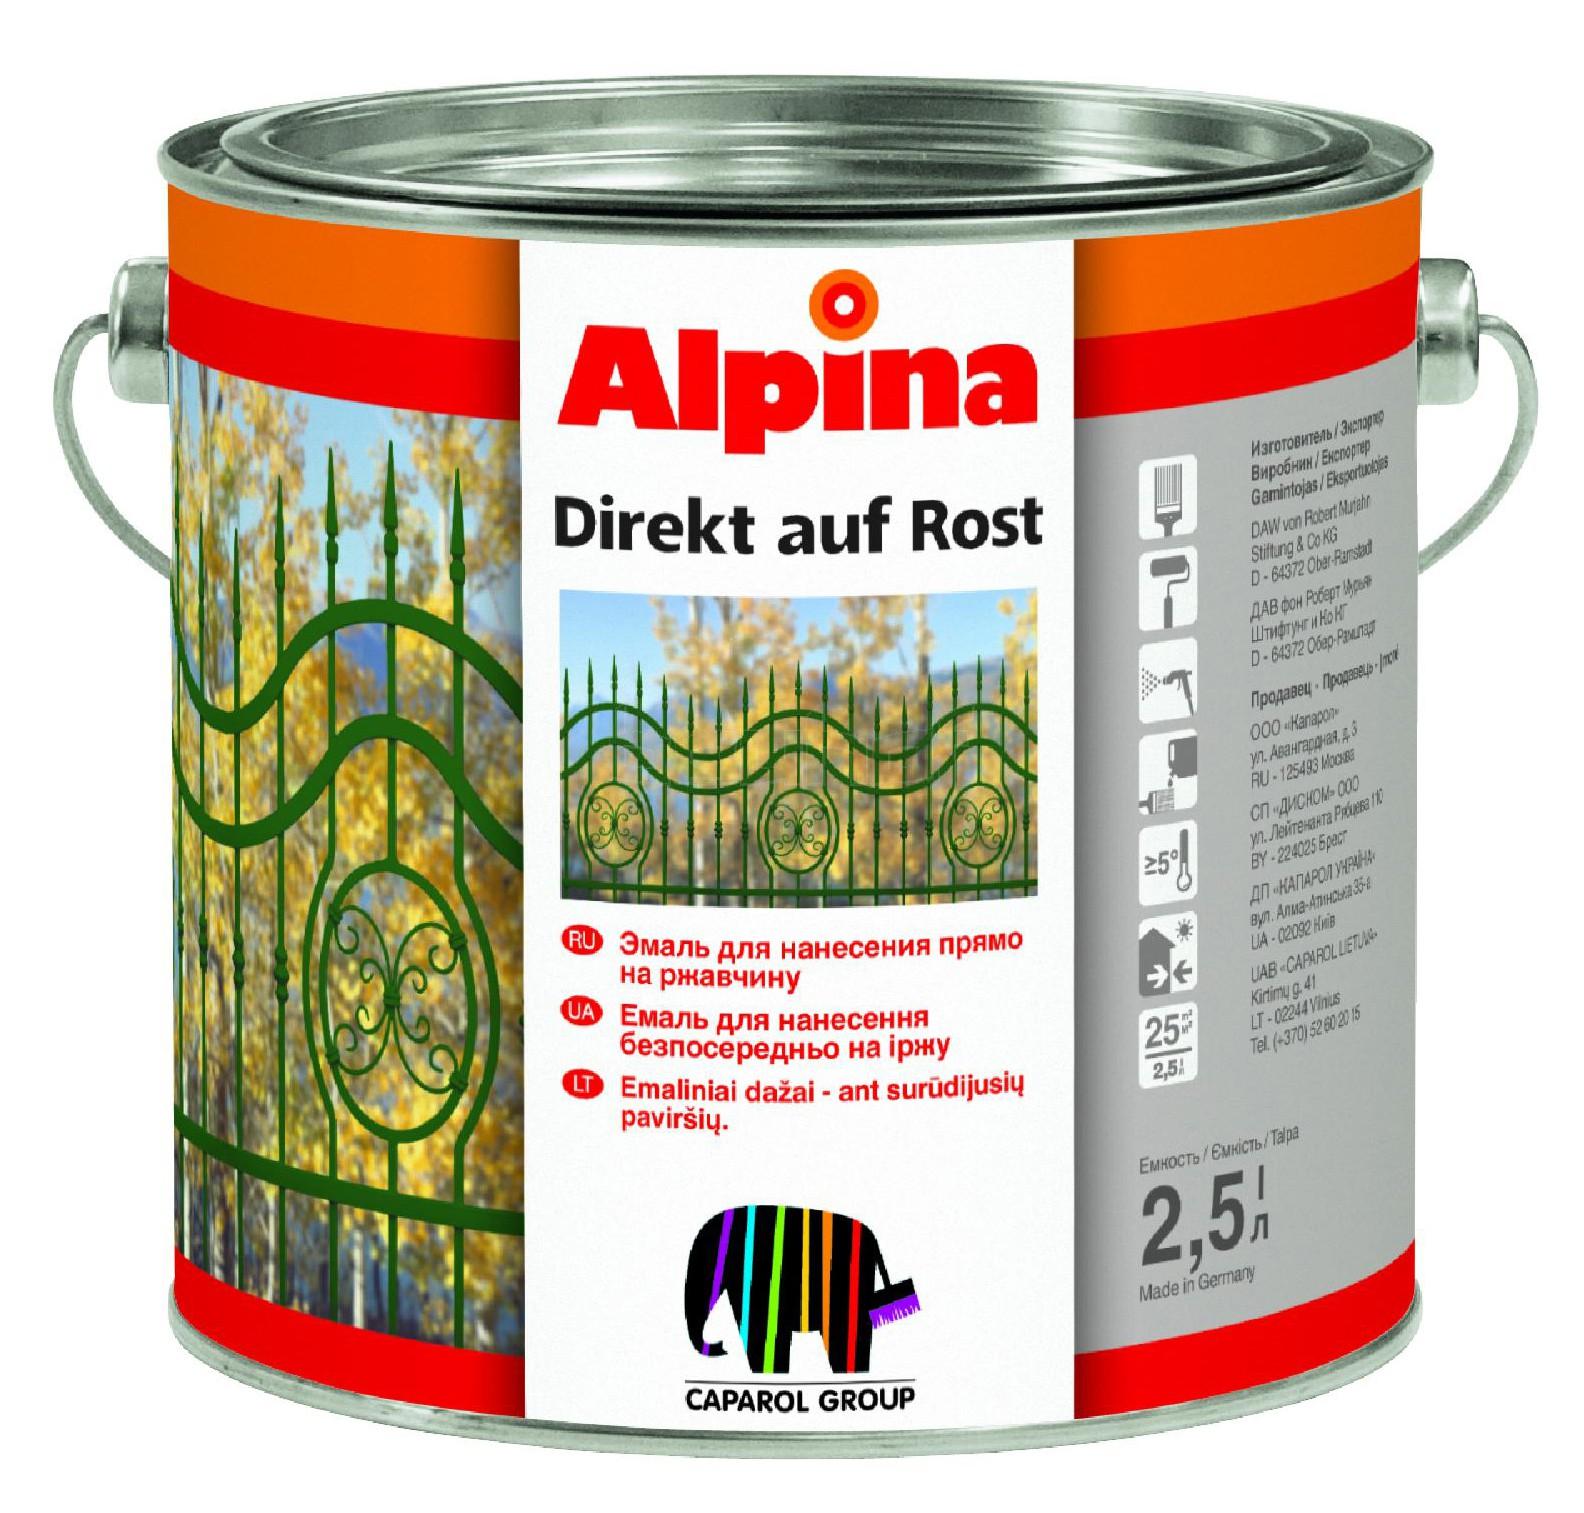 Alpina Direkt Auf Rost 2.5 л, Грунт-эмаль алкидная по ржавчине (серая) фото